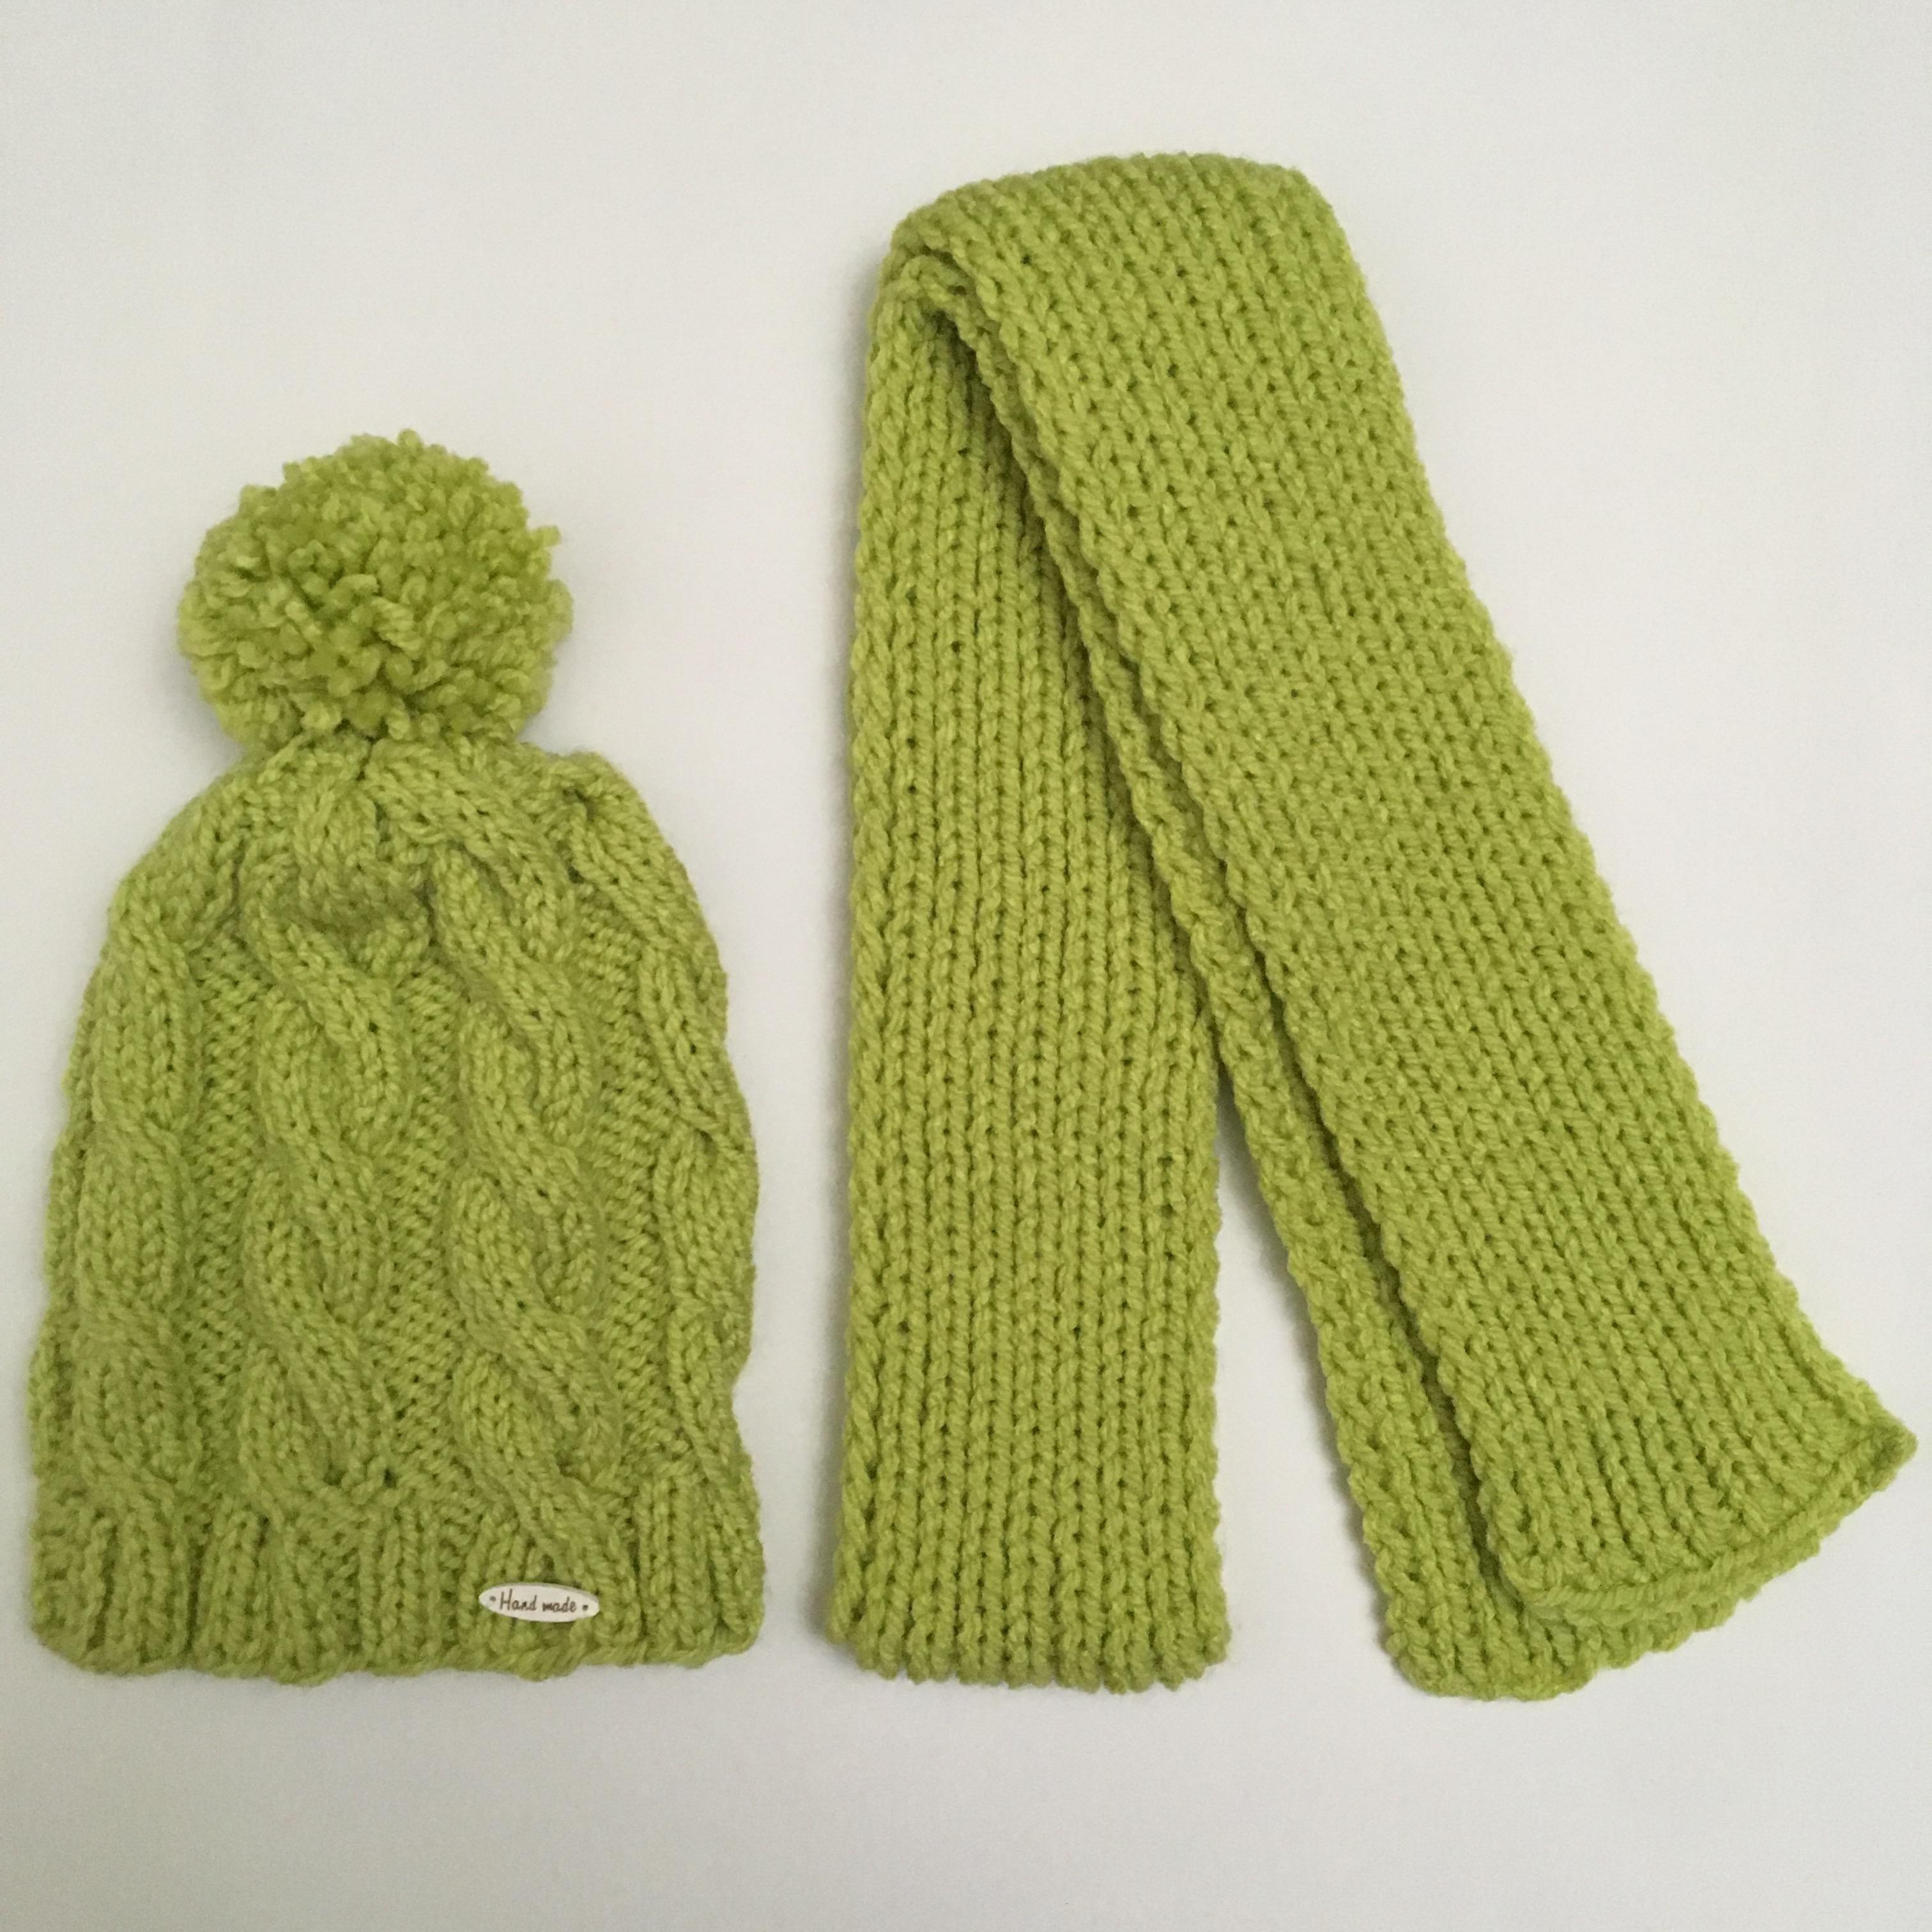 8b81dc326 Detská pletená čiapka so šálom zelená - jupitershop.sk